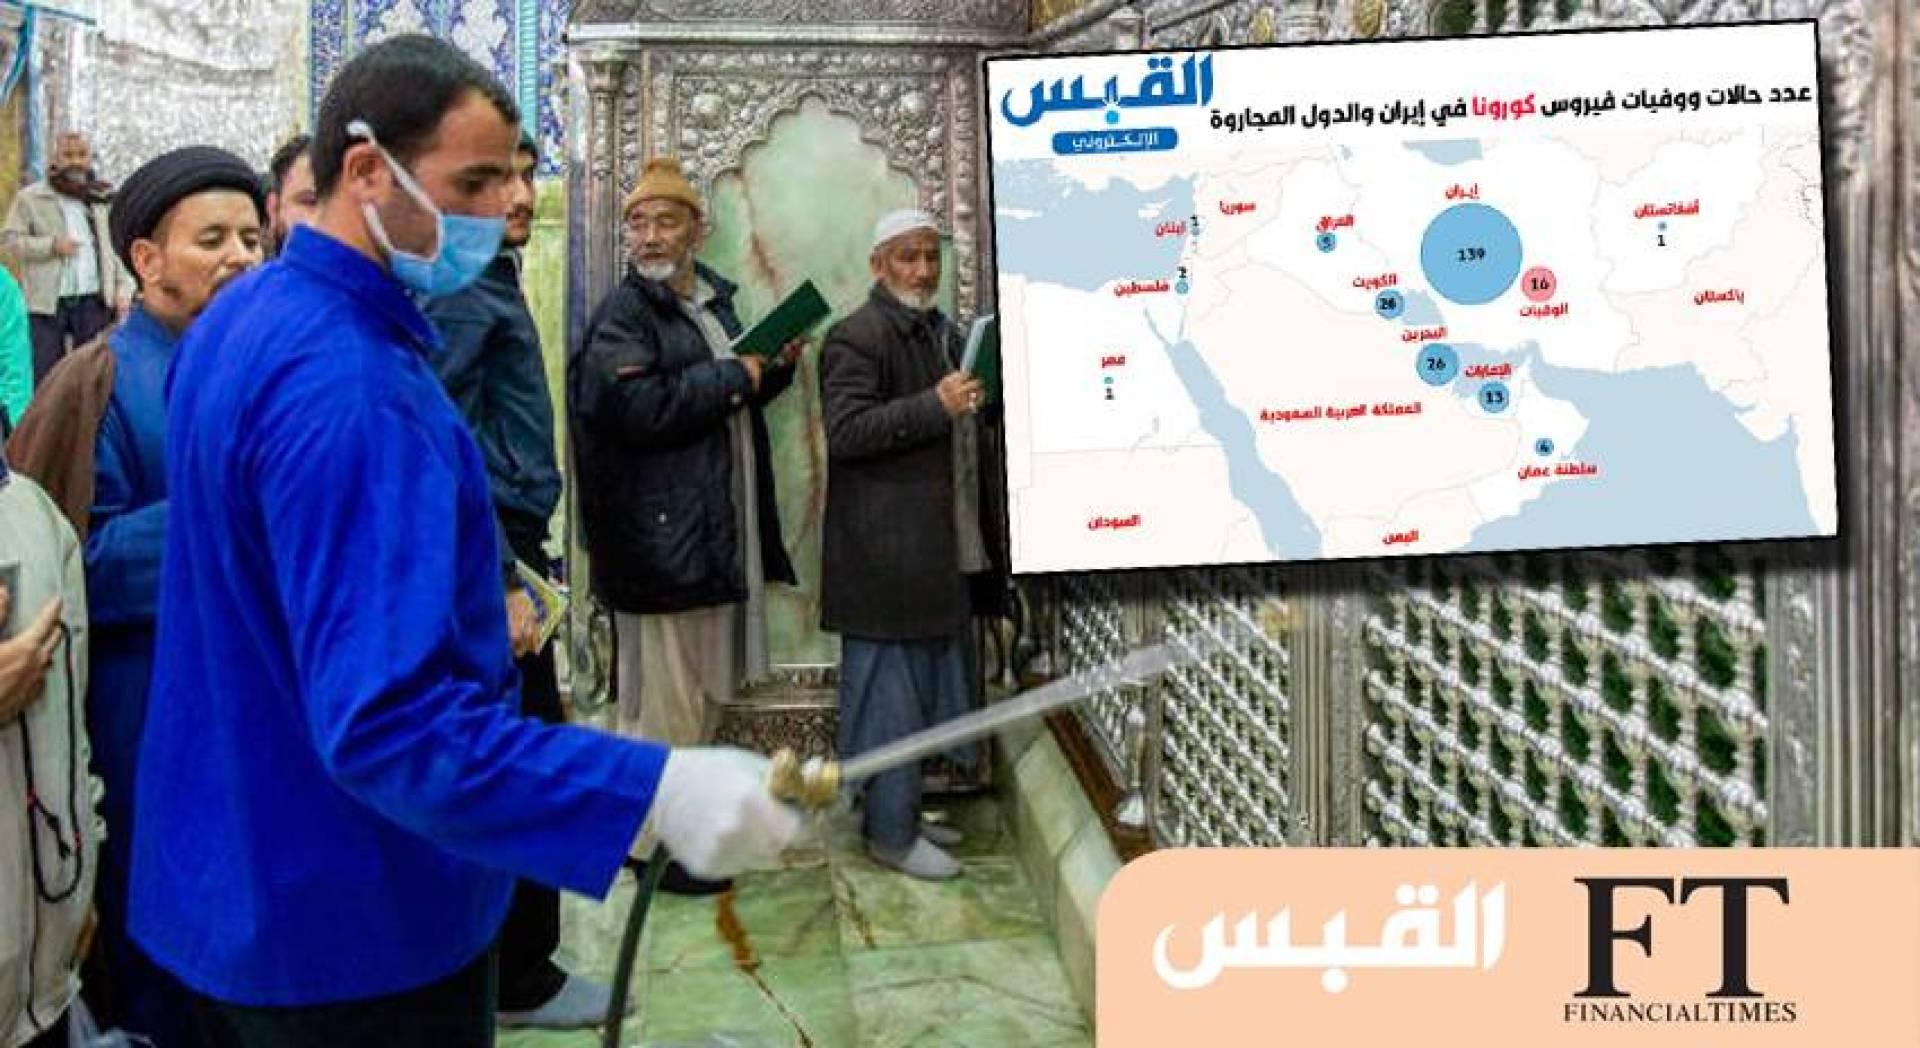 لماذا تفشي «كورونا» في إيران.. أمر خطير بالنسبة للشرق الأوسط؟